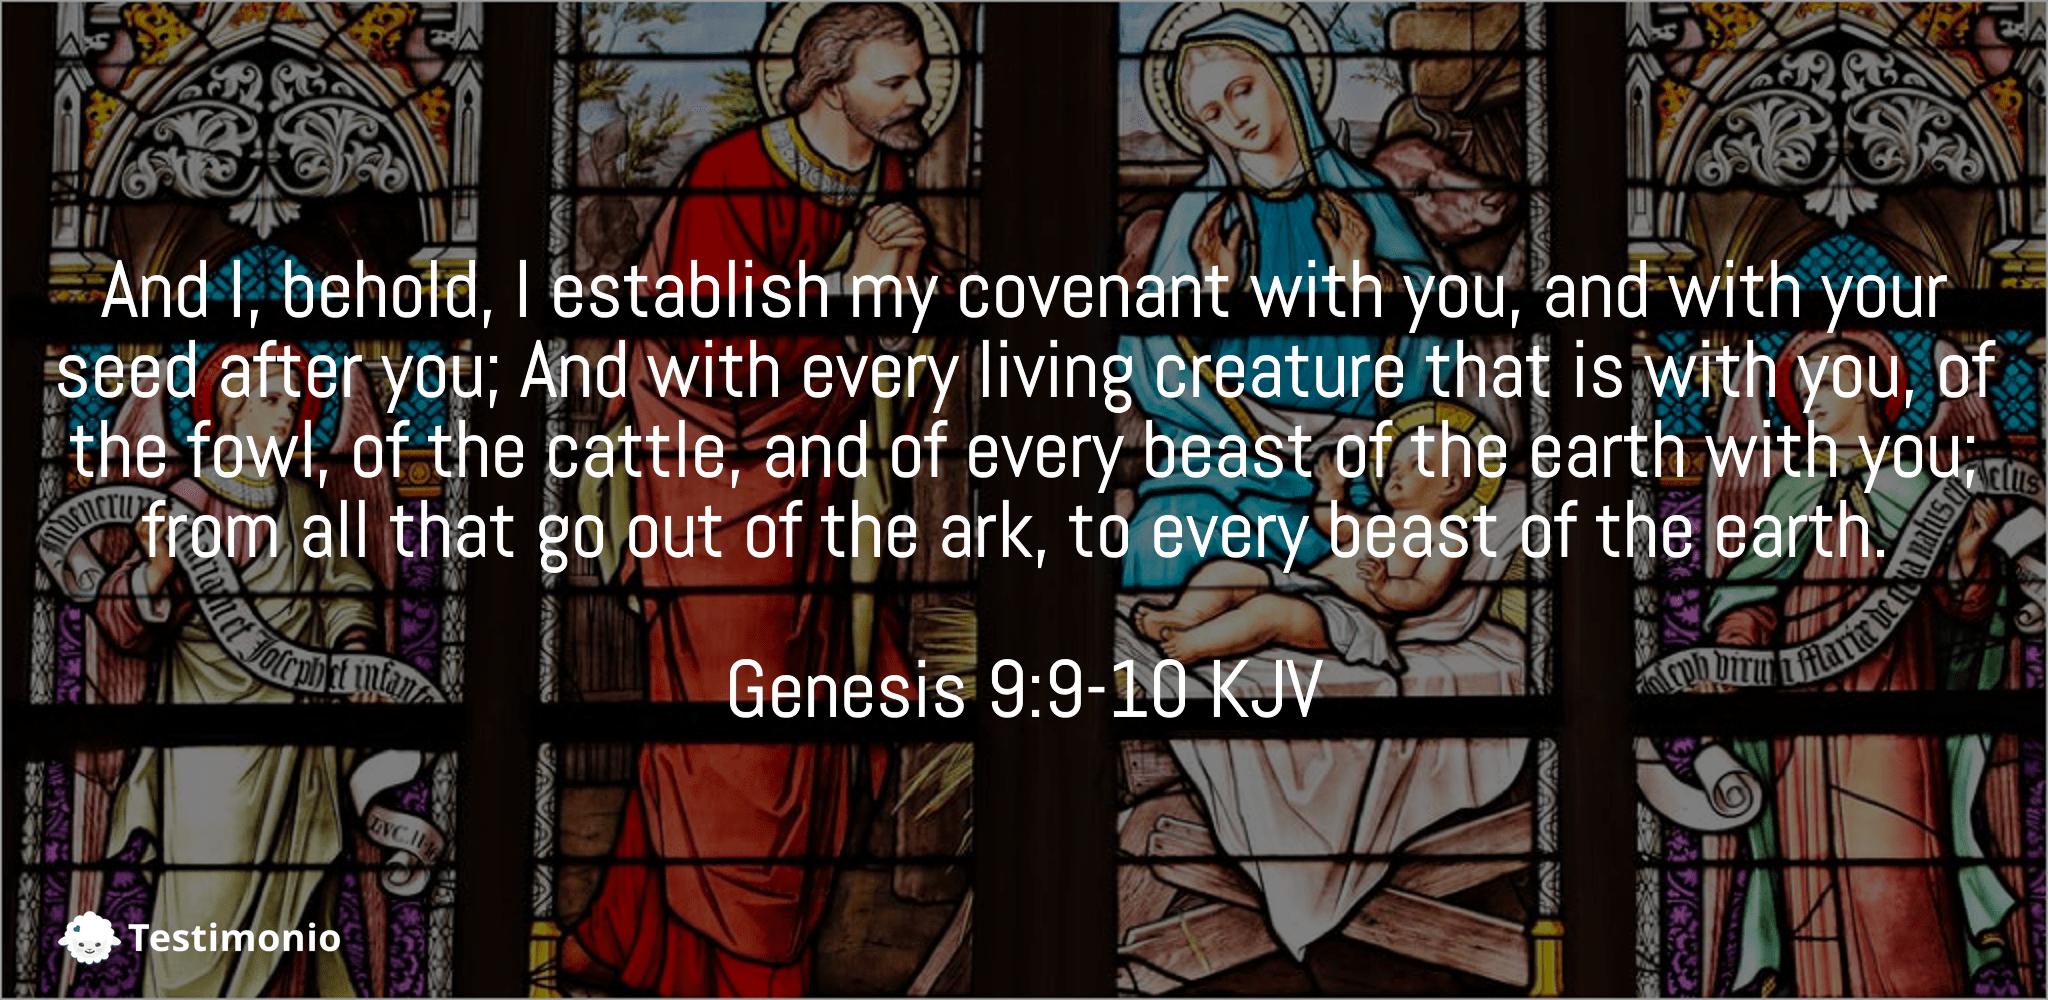 Genesis 9:9-10